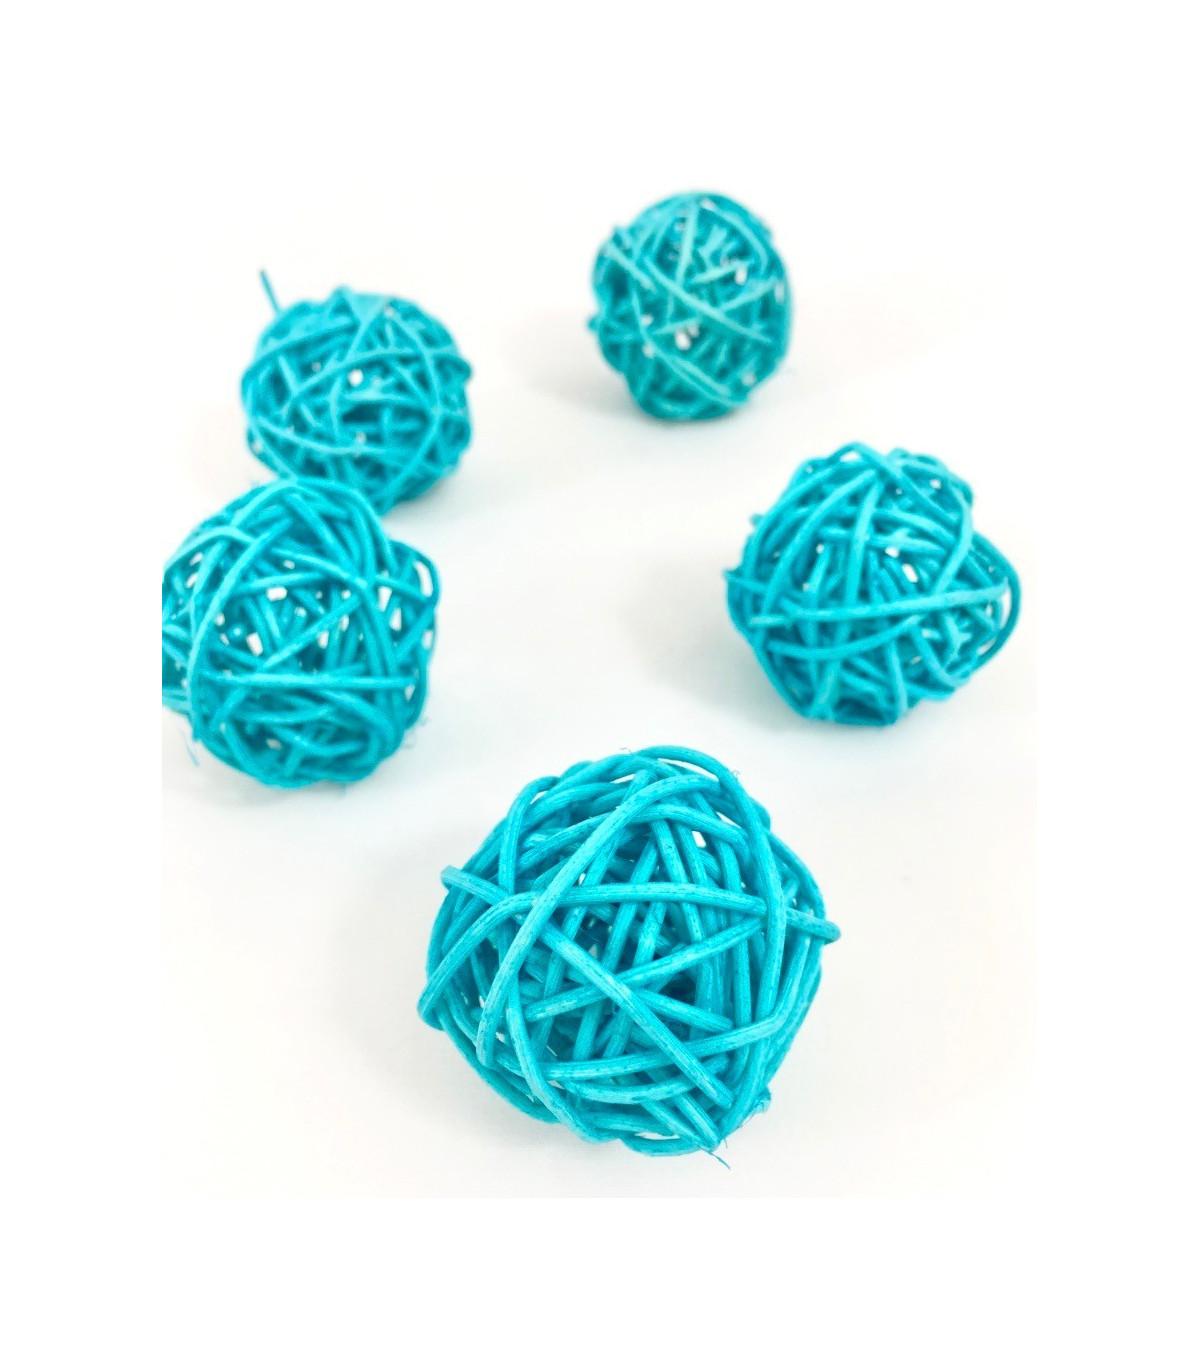 Boule En Rotin Deco Table Bleu Turquoise Lot De 5 Pcs Couleur Bleu